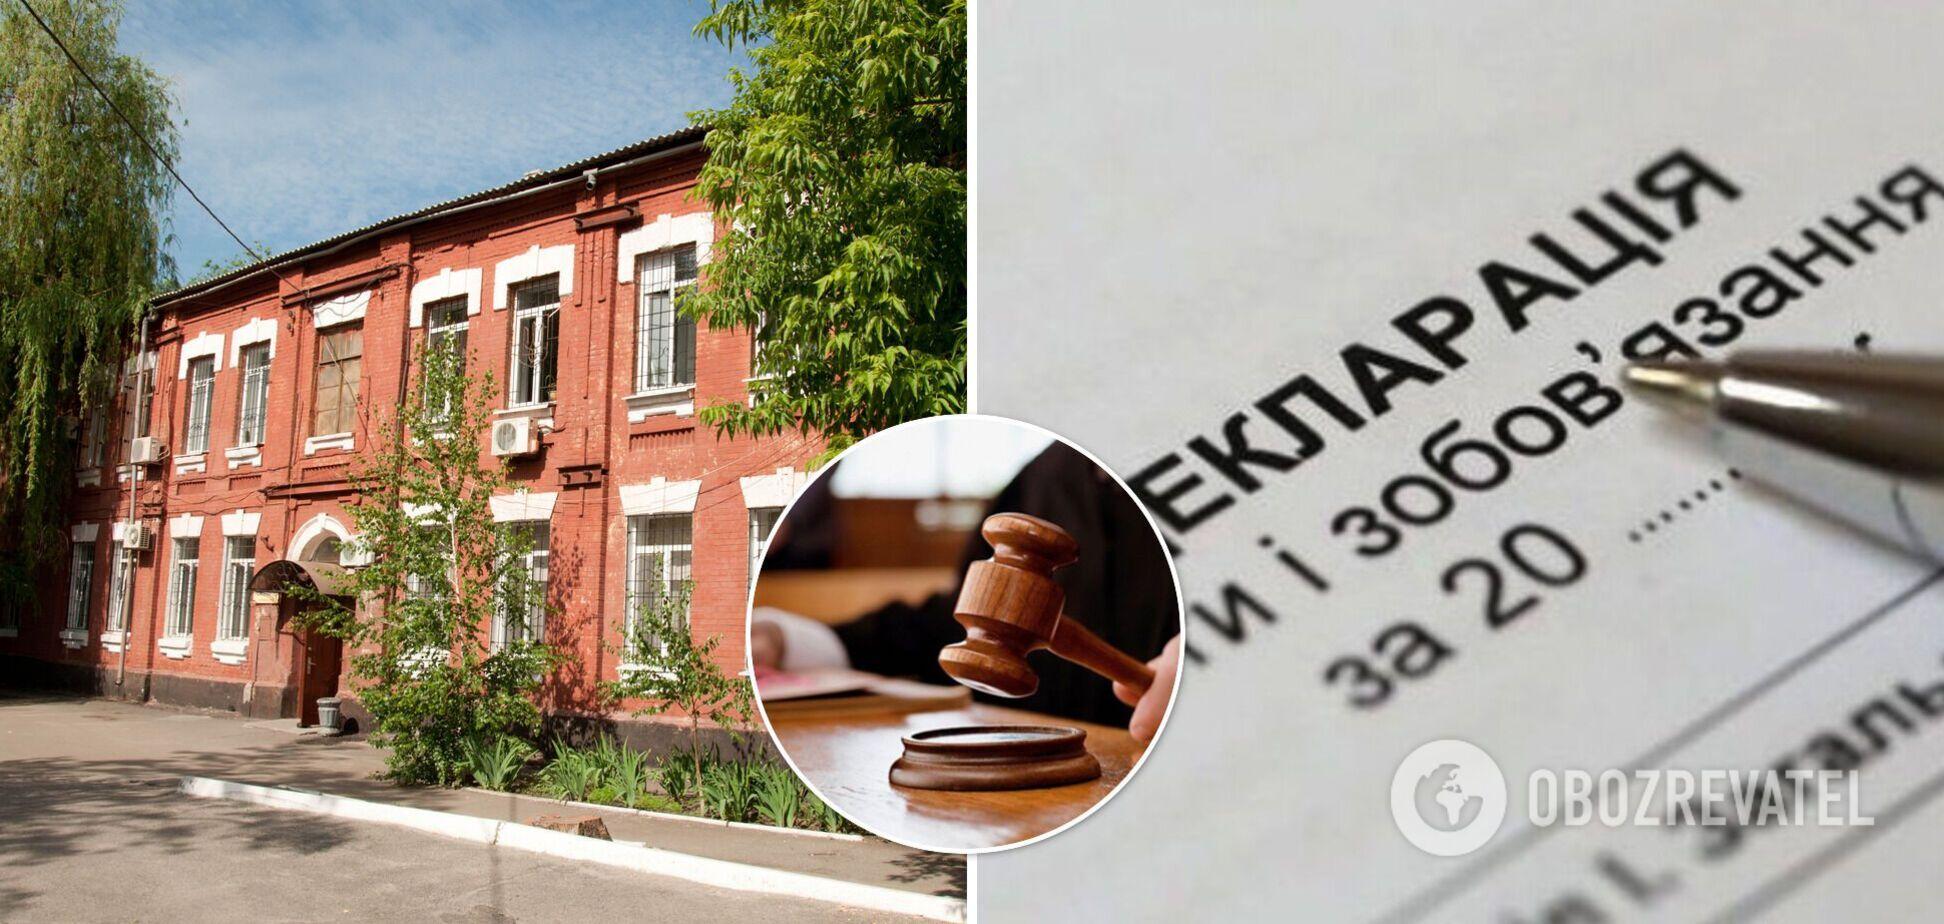 Журналісти повідомили про розкішні статки суддів скандального АНД-суду Дніпра